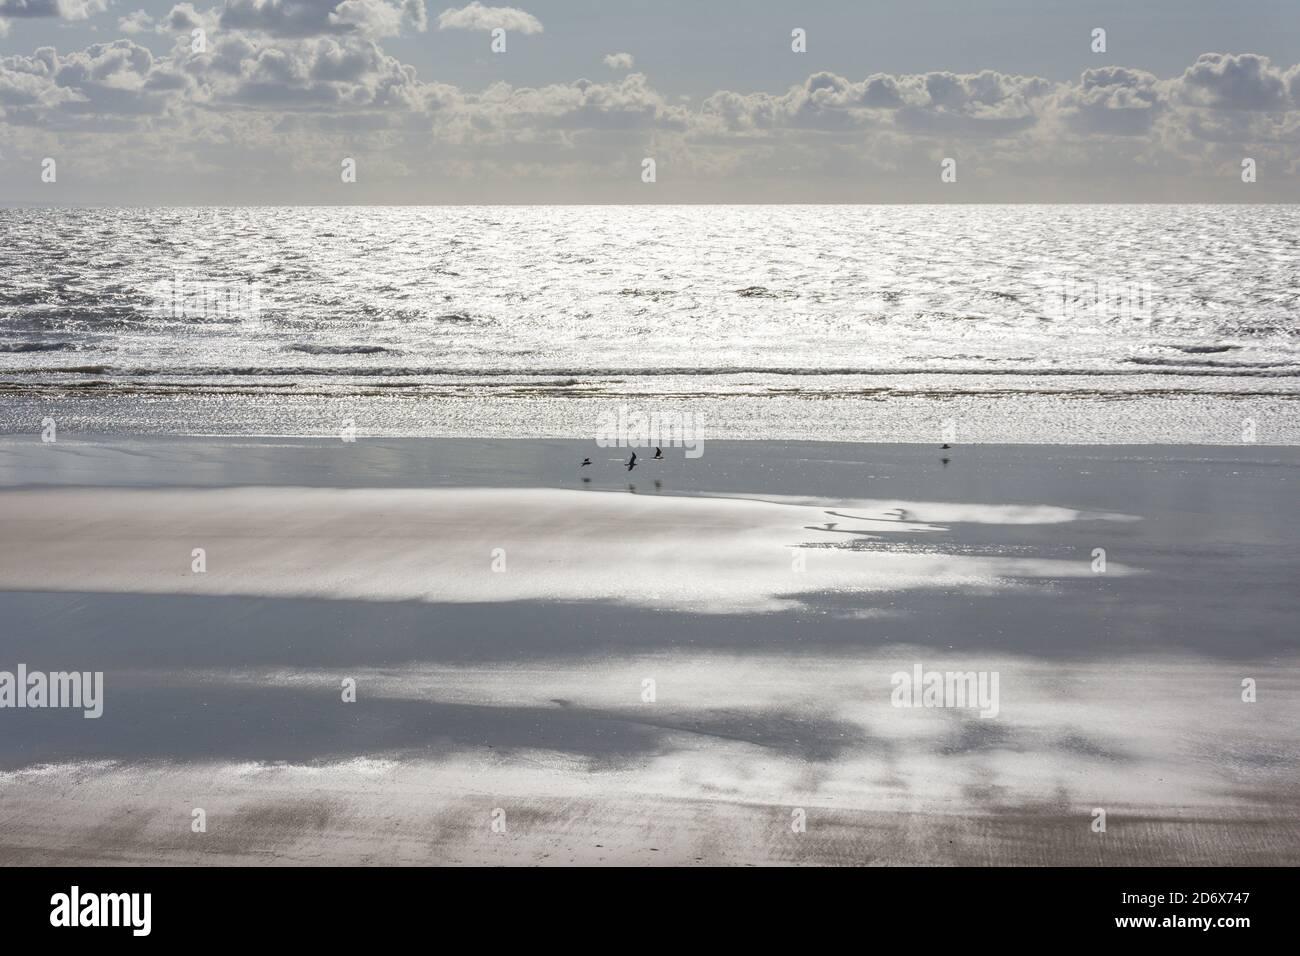 Aberavon Beach, The Princess Margaret Way, Port Talbot, Neath & Port Talbot County Borough, Wales, Vereinigtes Königreich Stockfoto